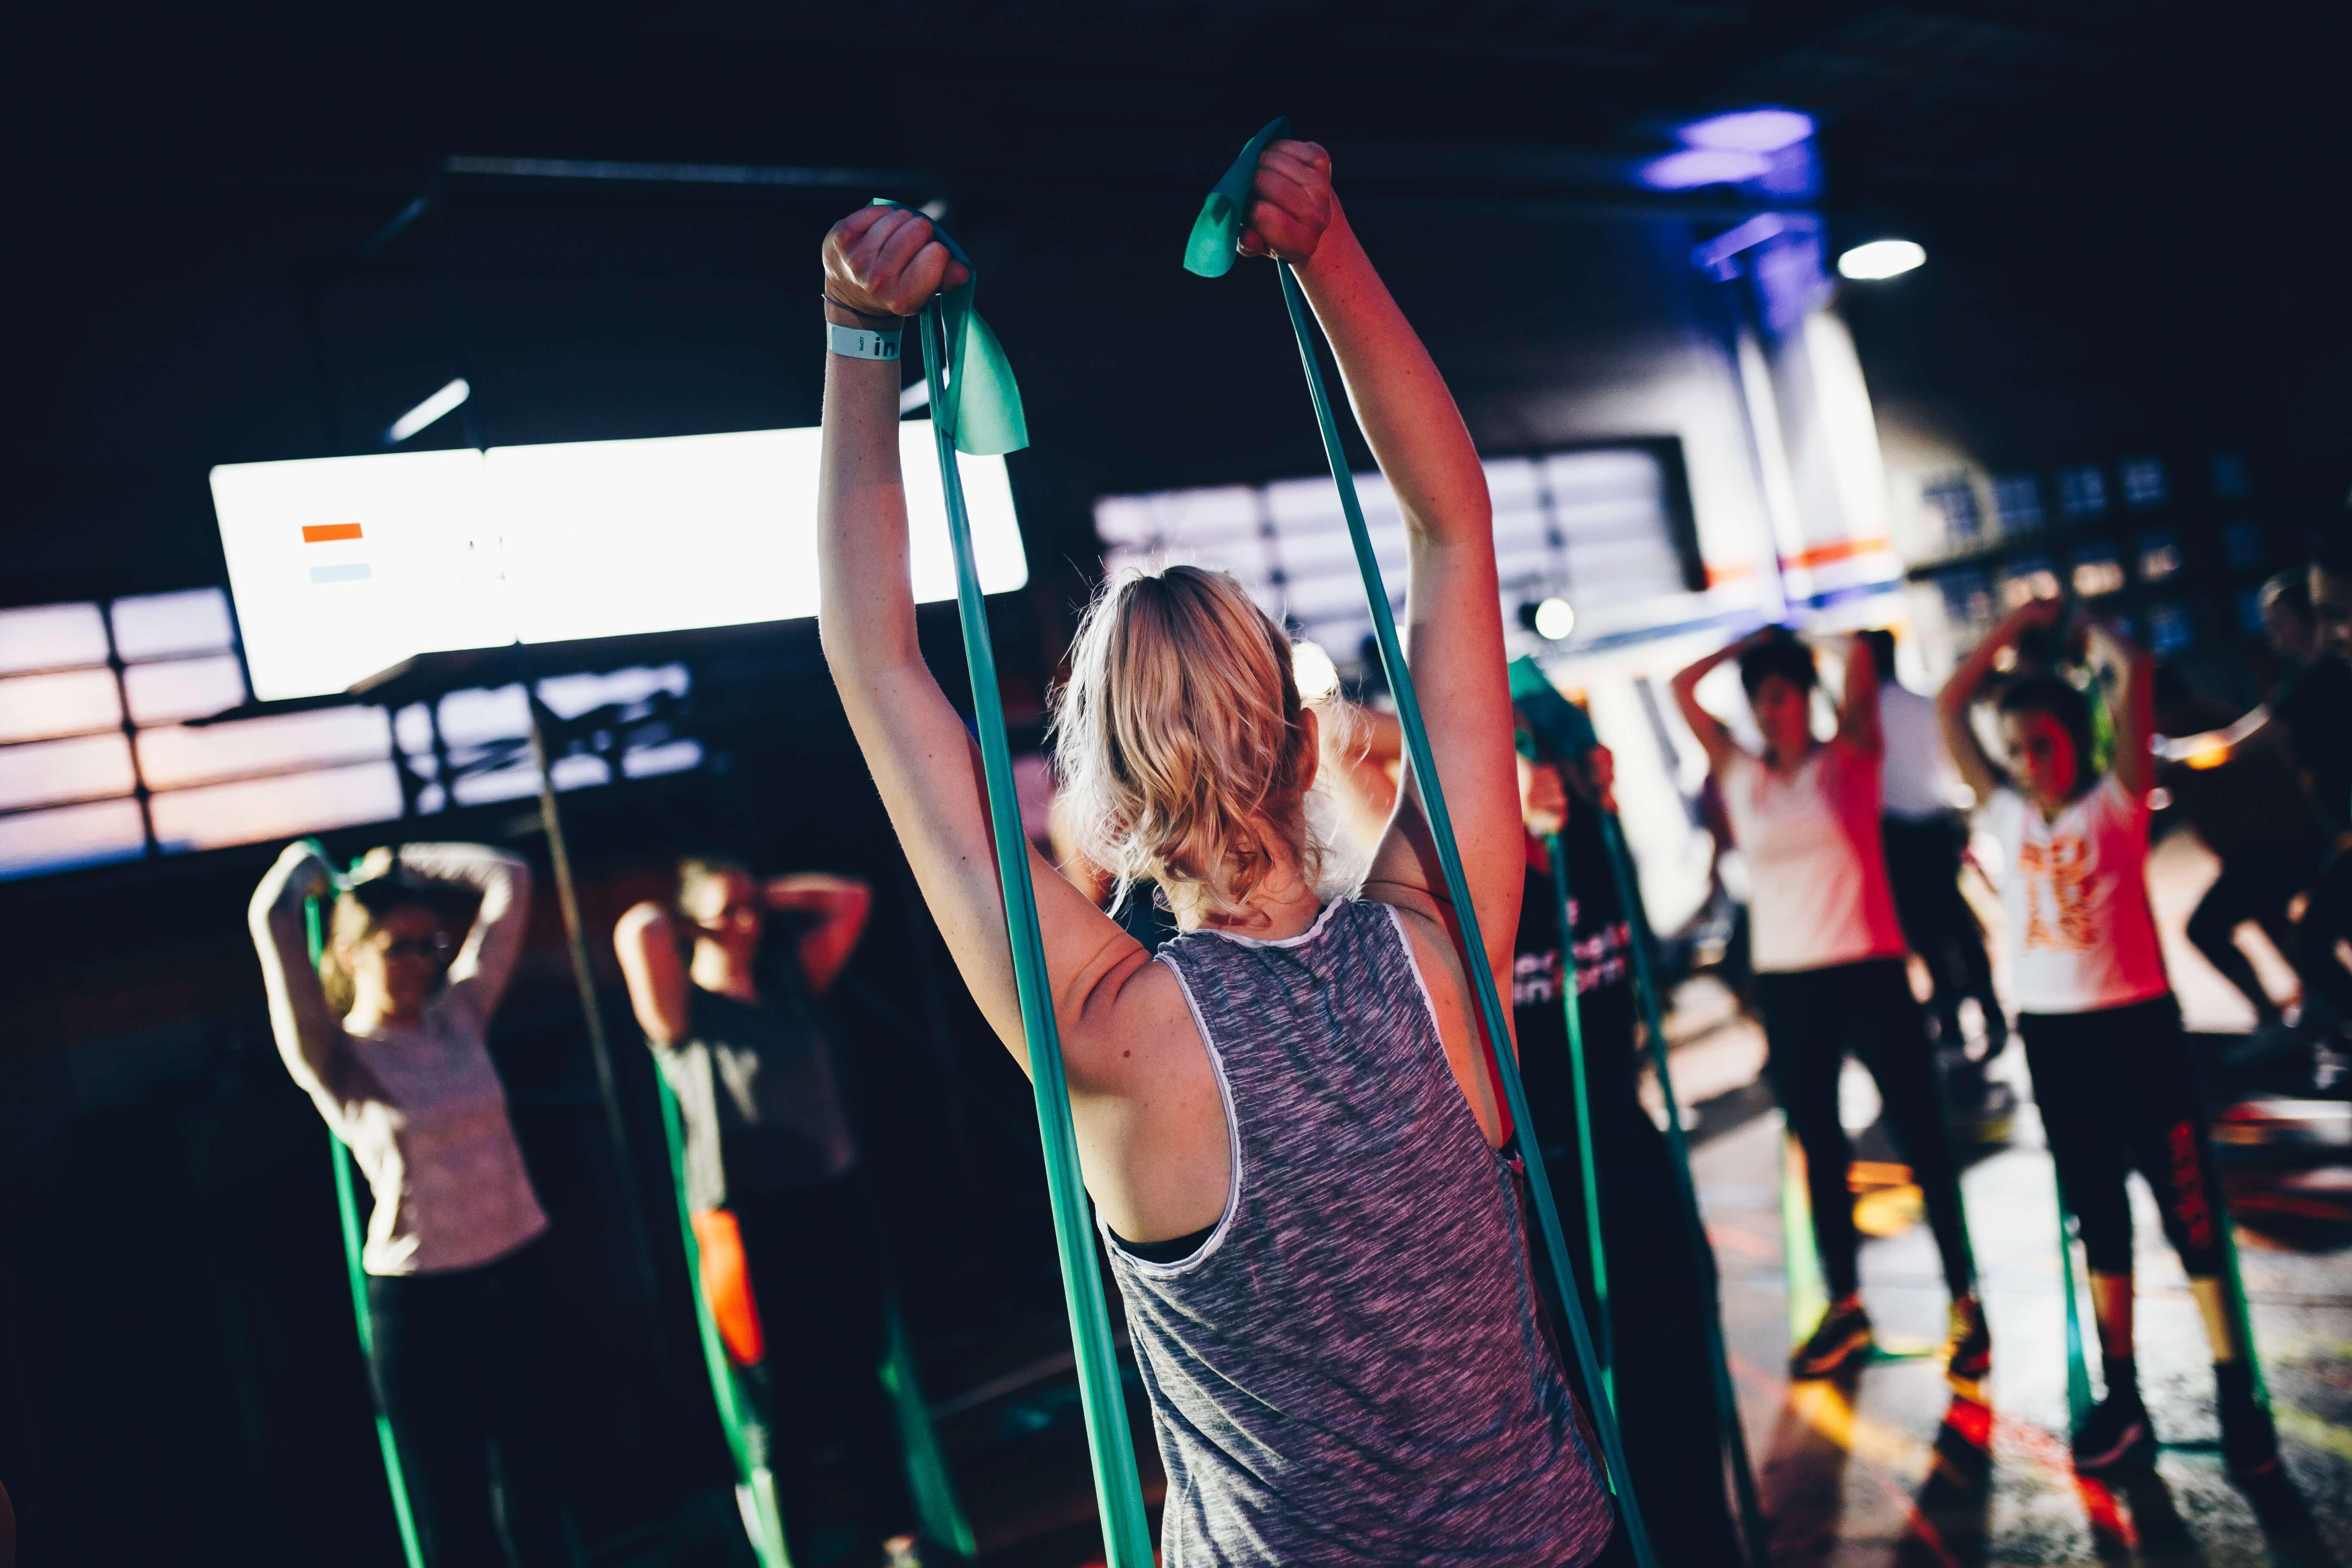 Vrijeme je za vraćanje u formu: Tri razloga zašto su ispitni rokovi idealno vrijeme za početi vježbati